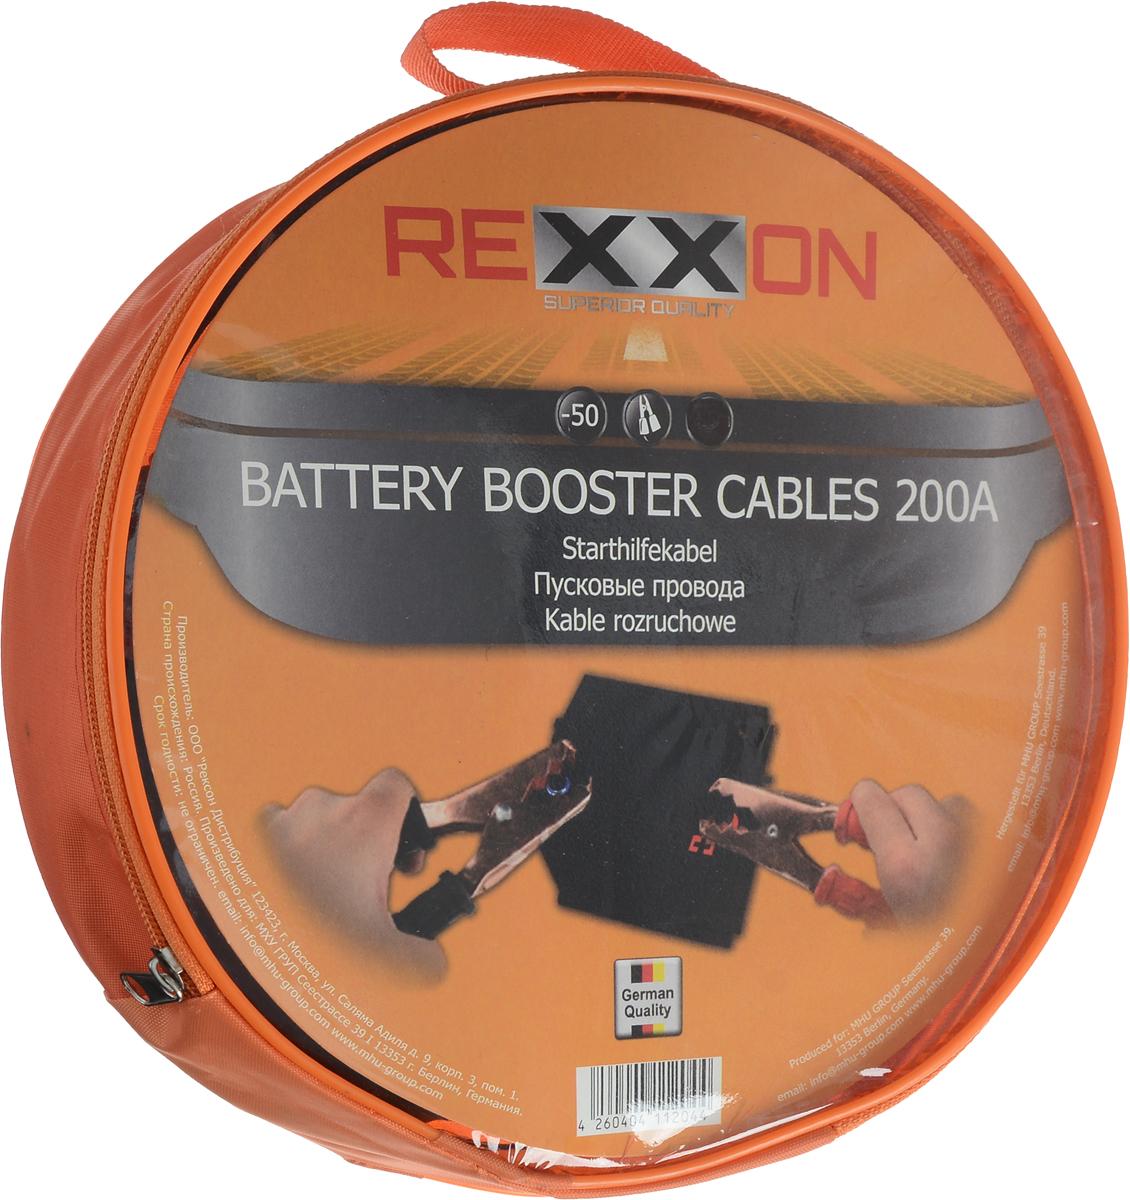 Провода вспомогательного запуска Rexxon Стандарт, 200 А, 1,8 м1-04-1-2-0Провода вспомогательного запуска Rexxon Стандарт необходимы в экстренных ситуациях, когда АКБ транспортного средства находится в разряженном состоянии, зарядно-пусковое устройство недоступно и запускать двигатель за счет буксировки нельзя. Провода изготовлены по ГОСТУ 37.001.052-2000. Медный провод в резиновой изоляции. Морозостойкий и эластичный. Минимальная температура эксплуатации -50°С. Изолированные ручки зажимов. Провода вспомогательного запуска применяются для запуска двигателей легковых и грузовых автомобилей. Подсоединяются к одноименным клеммам аккумулятора. Длина: 1,8 м. Сила тока: 200 А.